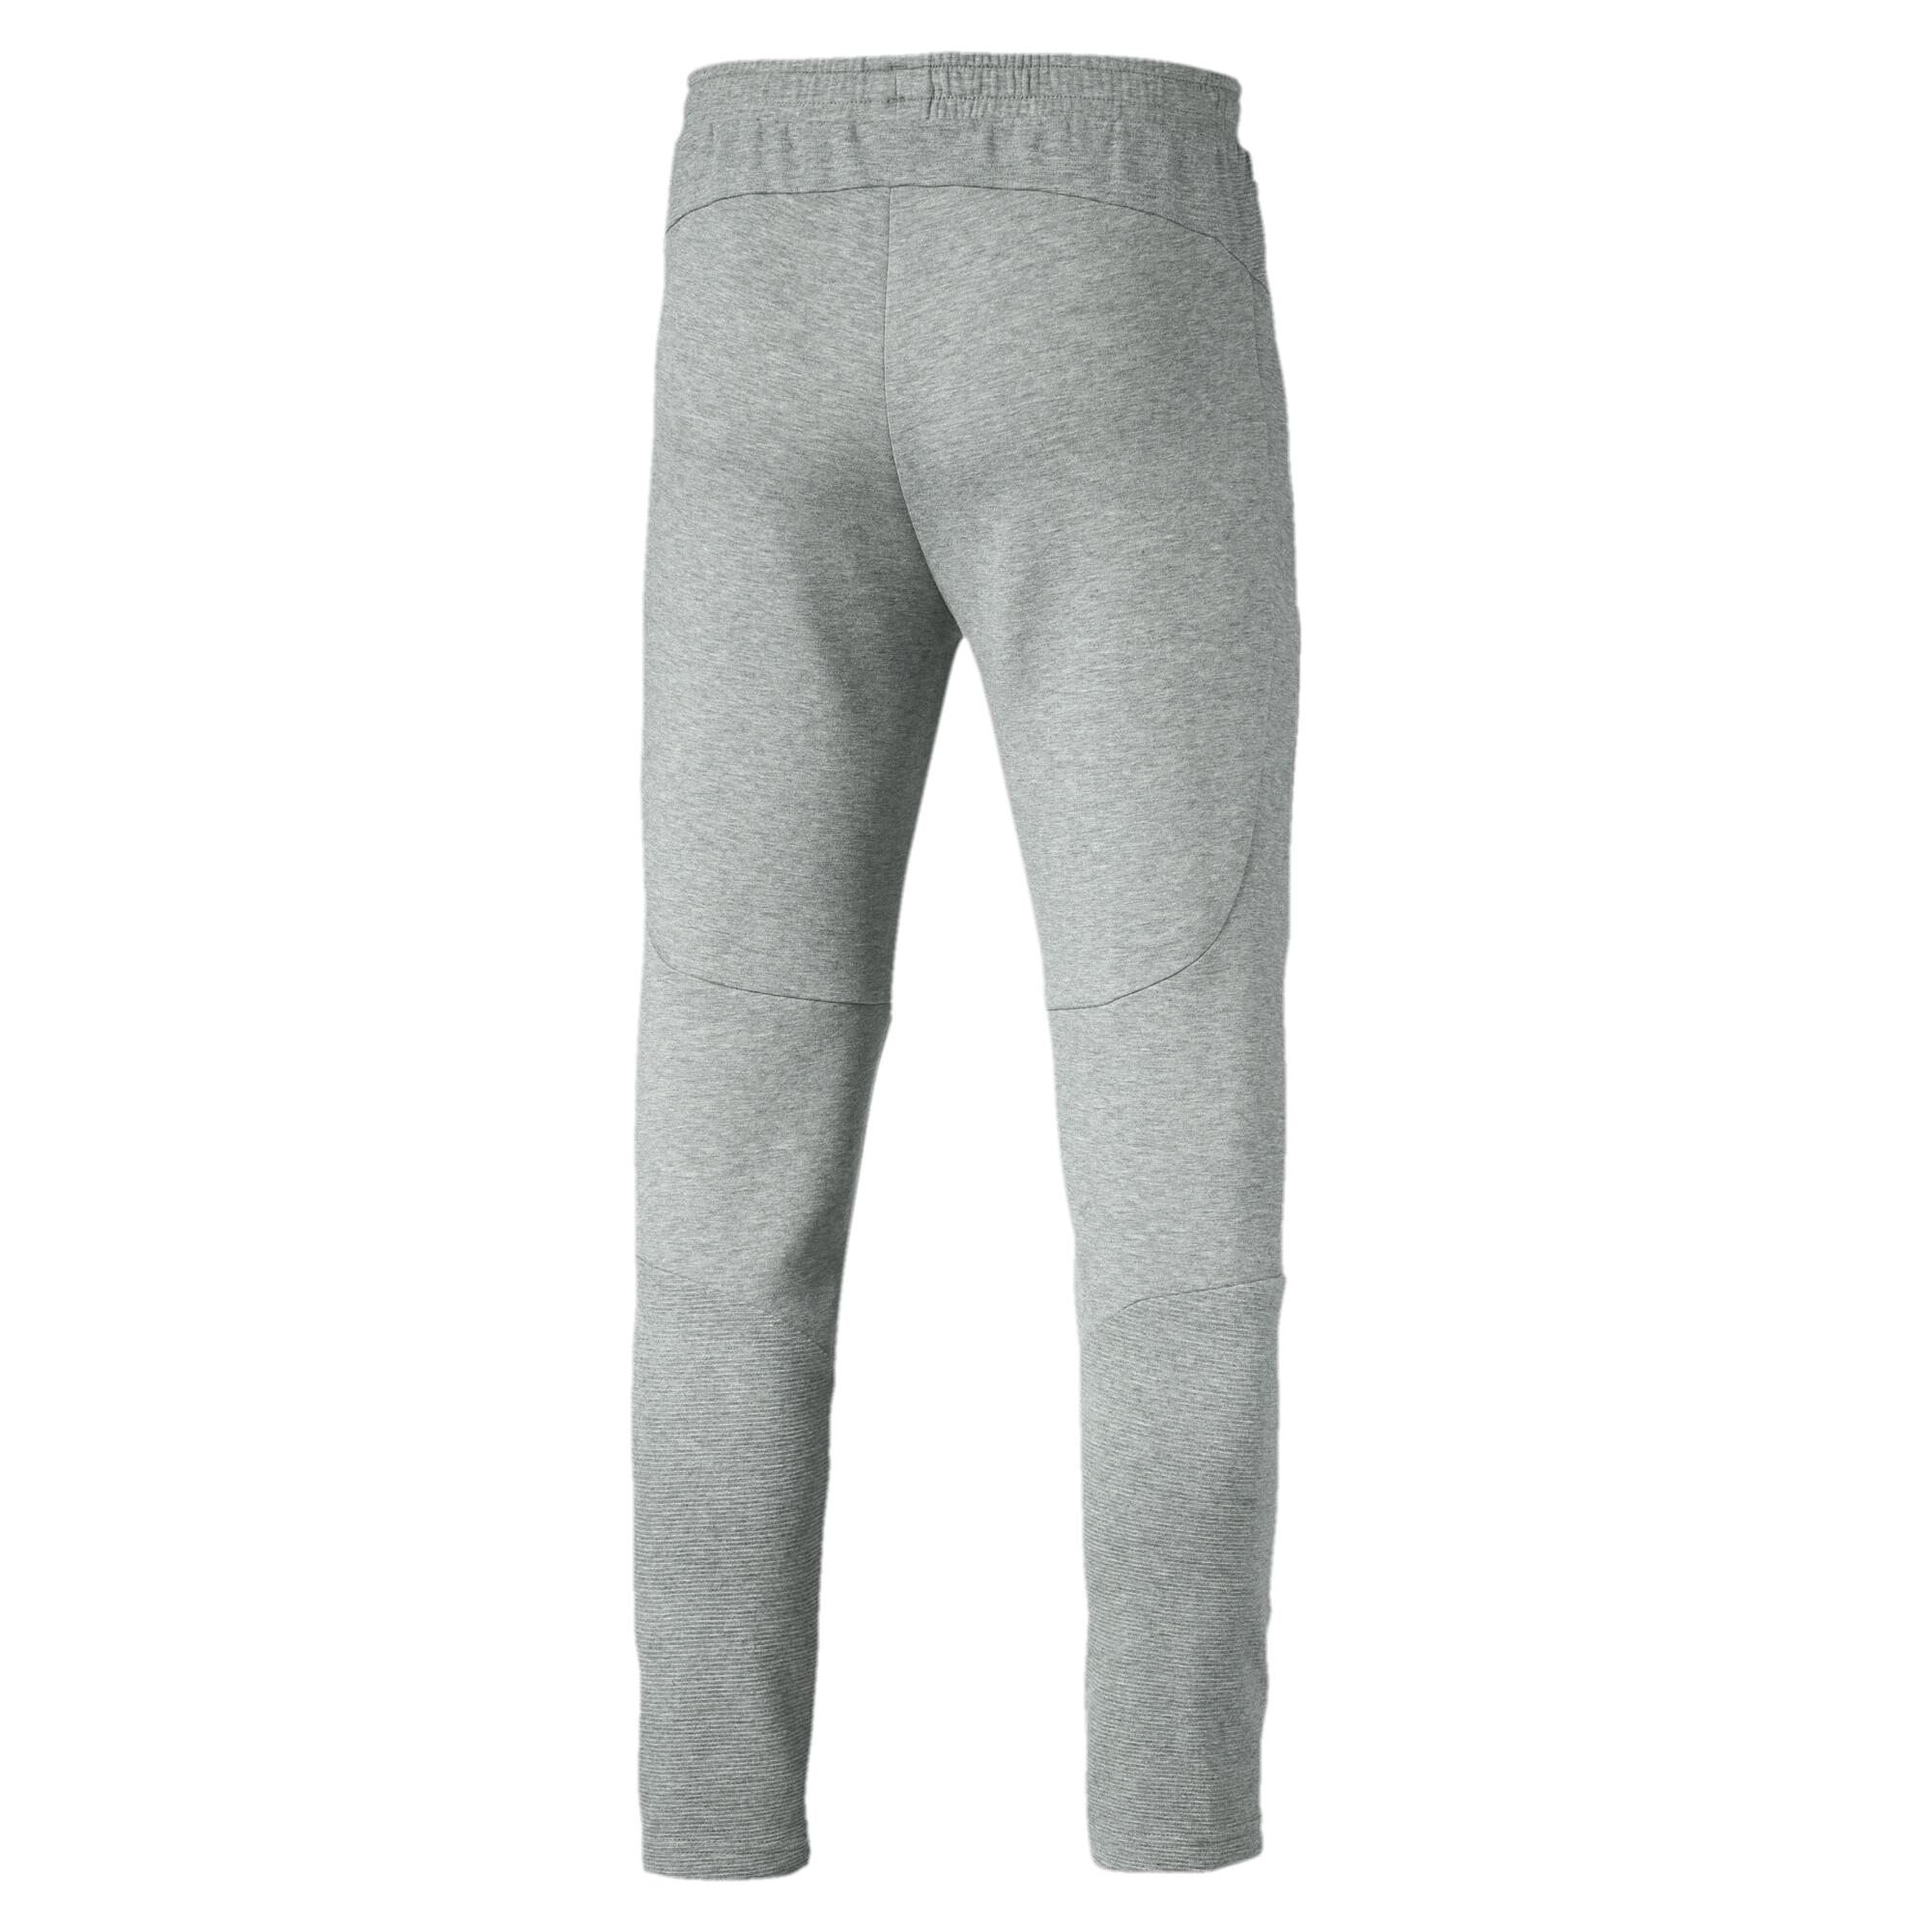 PUMA-Evostripe-Men-039-s-Pants-Men-Knitted-Pants-Basics thumbnail 3